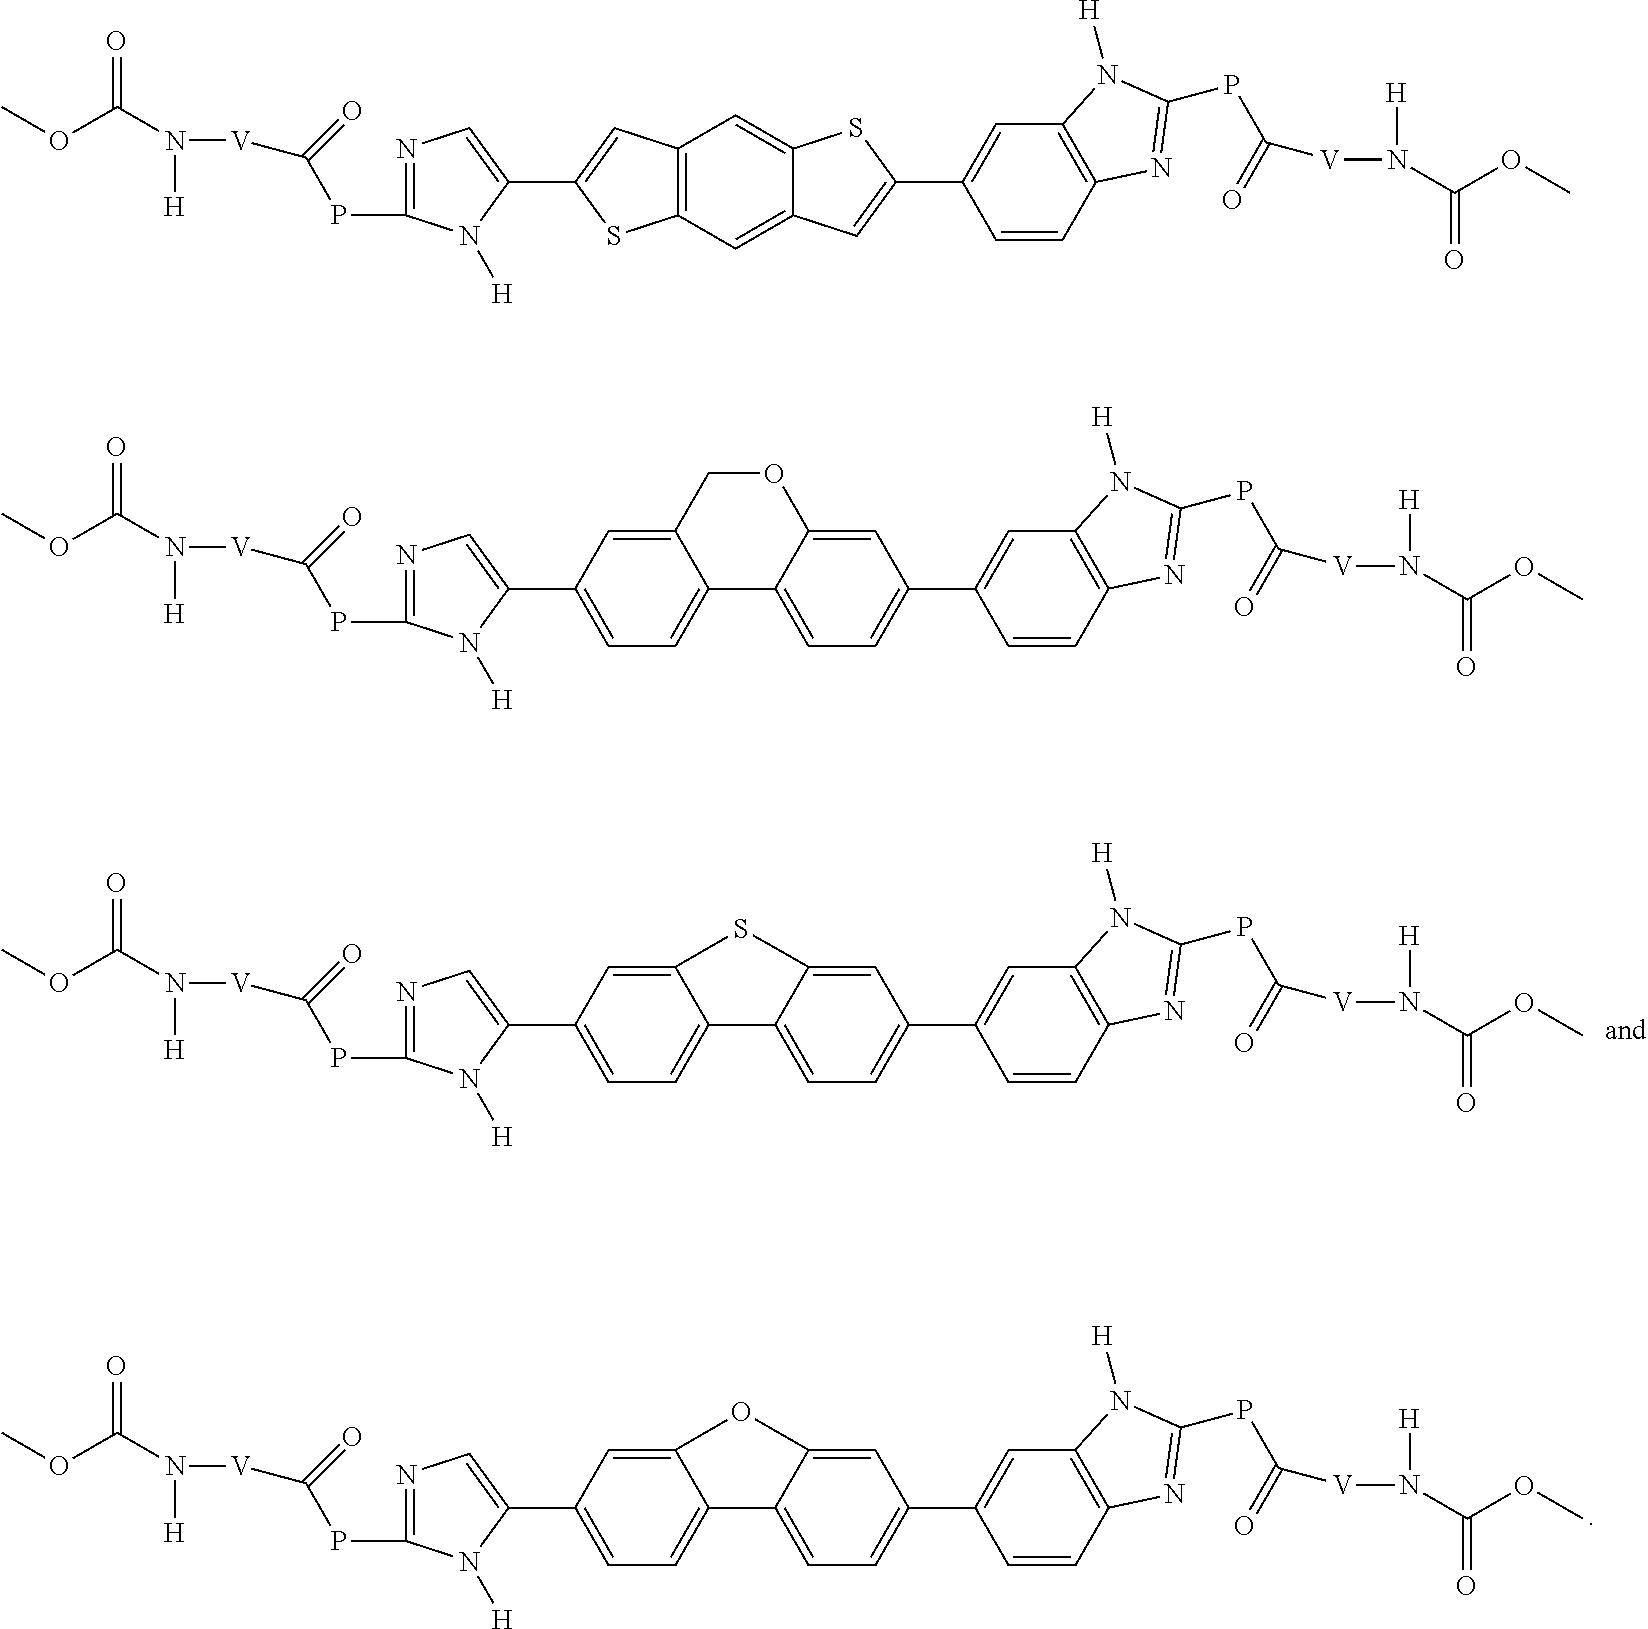 Figure US08841278-20140923-C00244